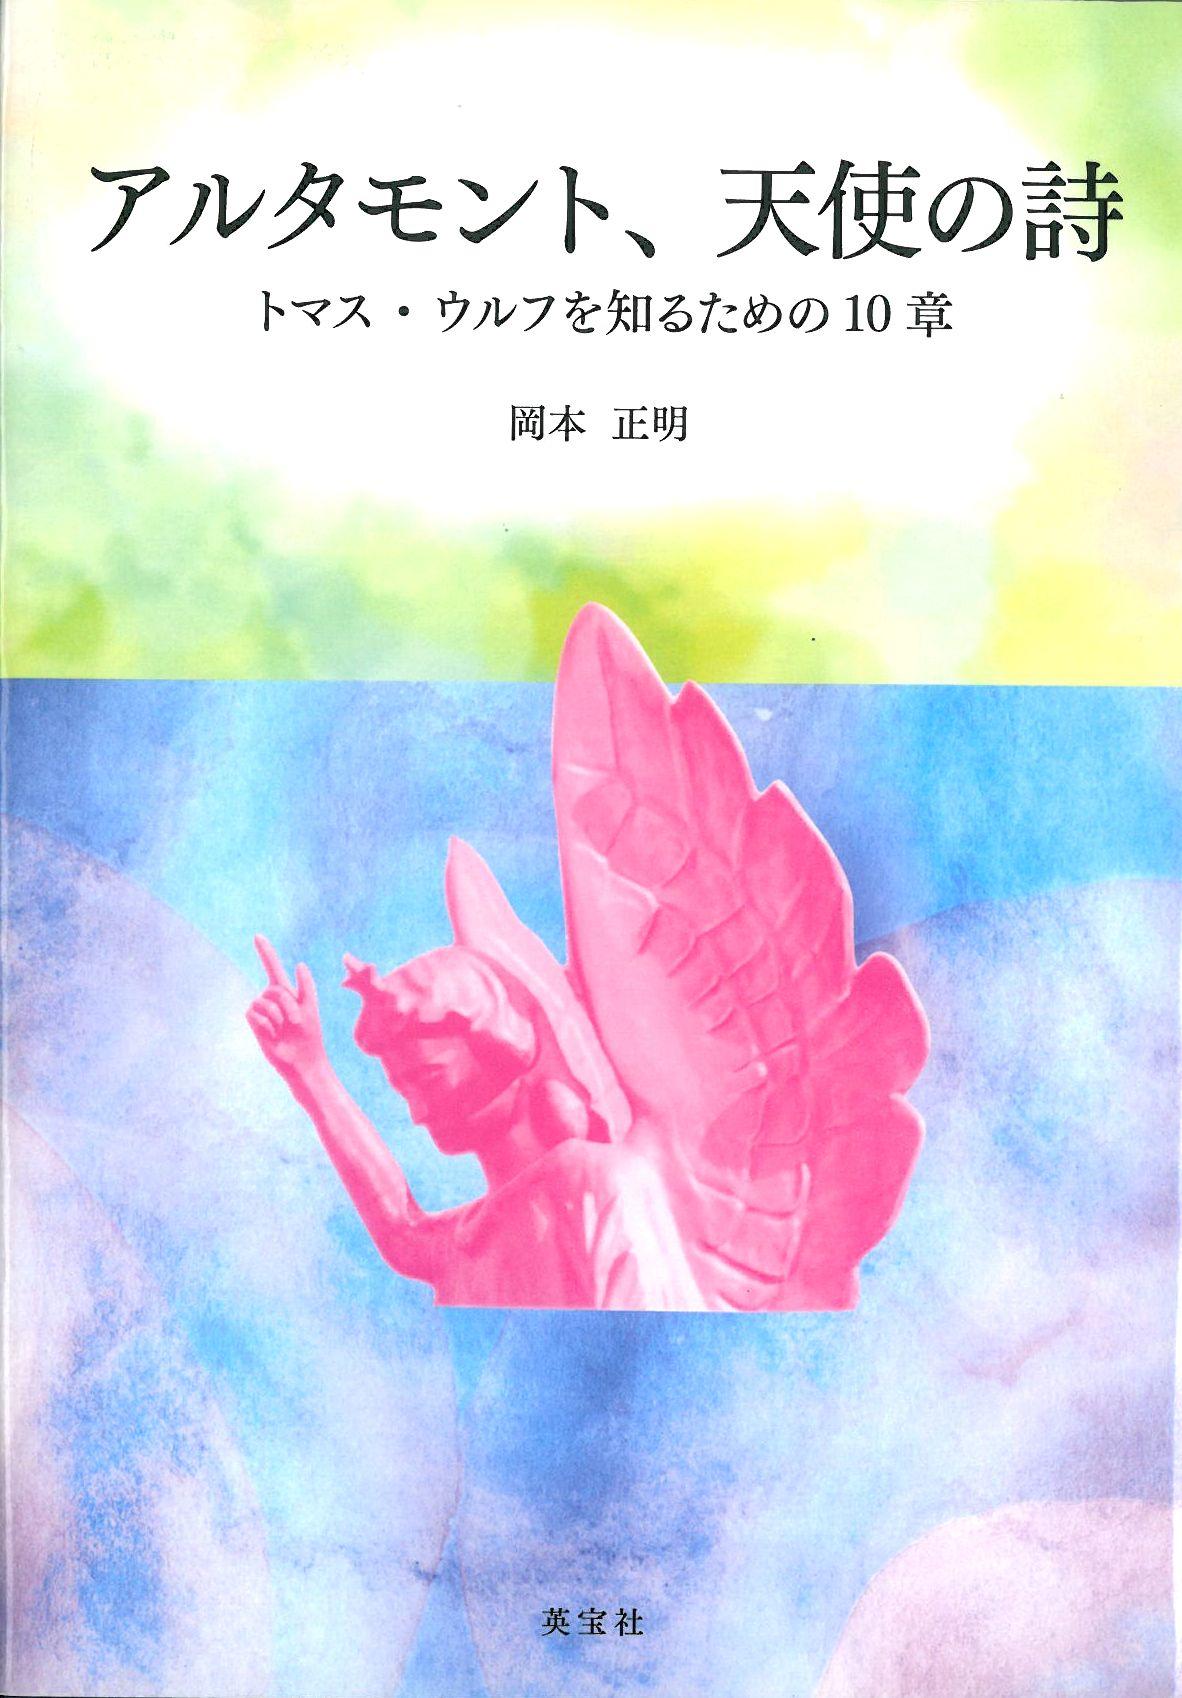 アルタモント、天使の詩